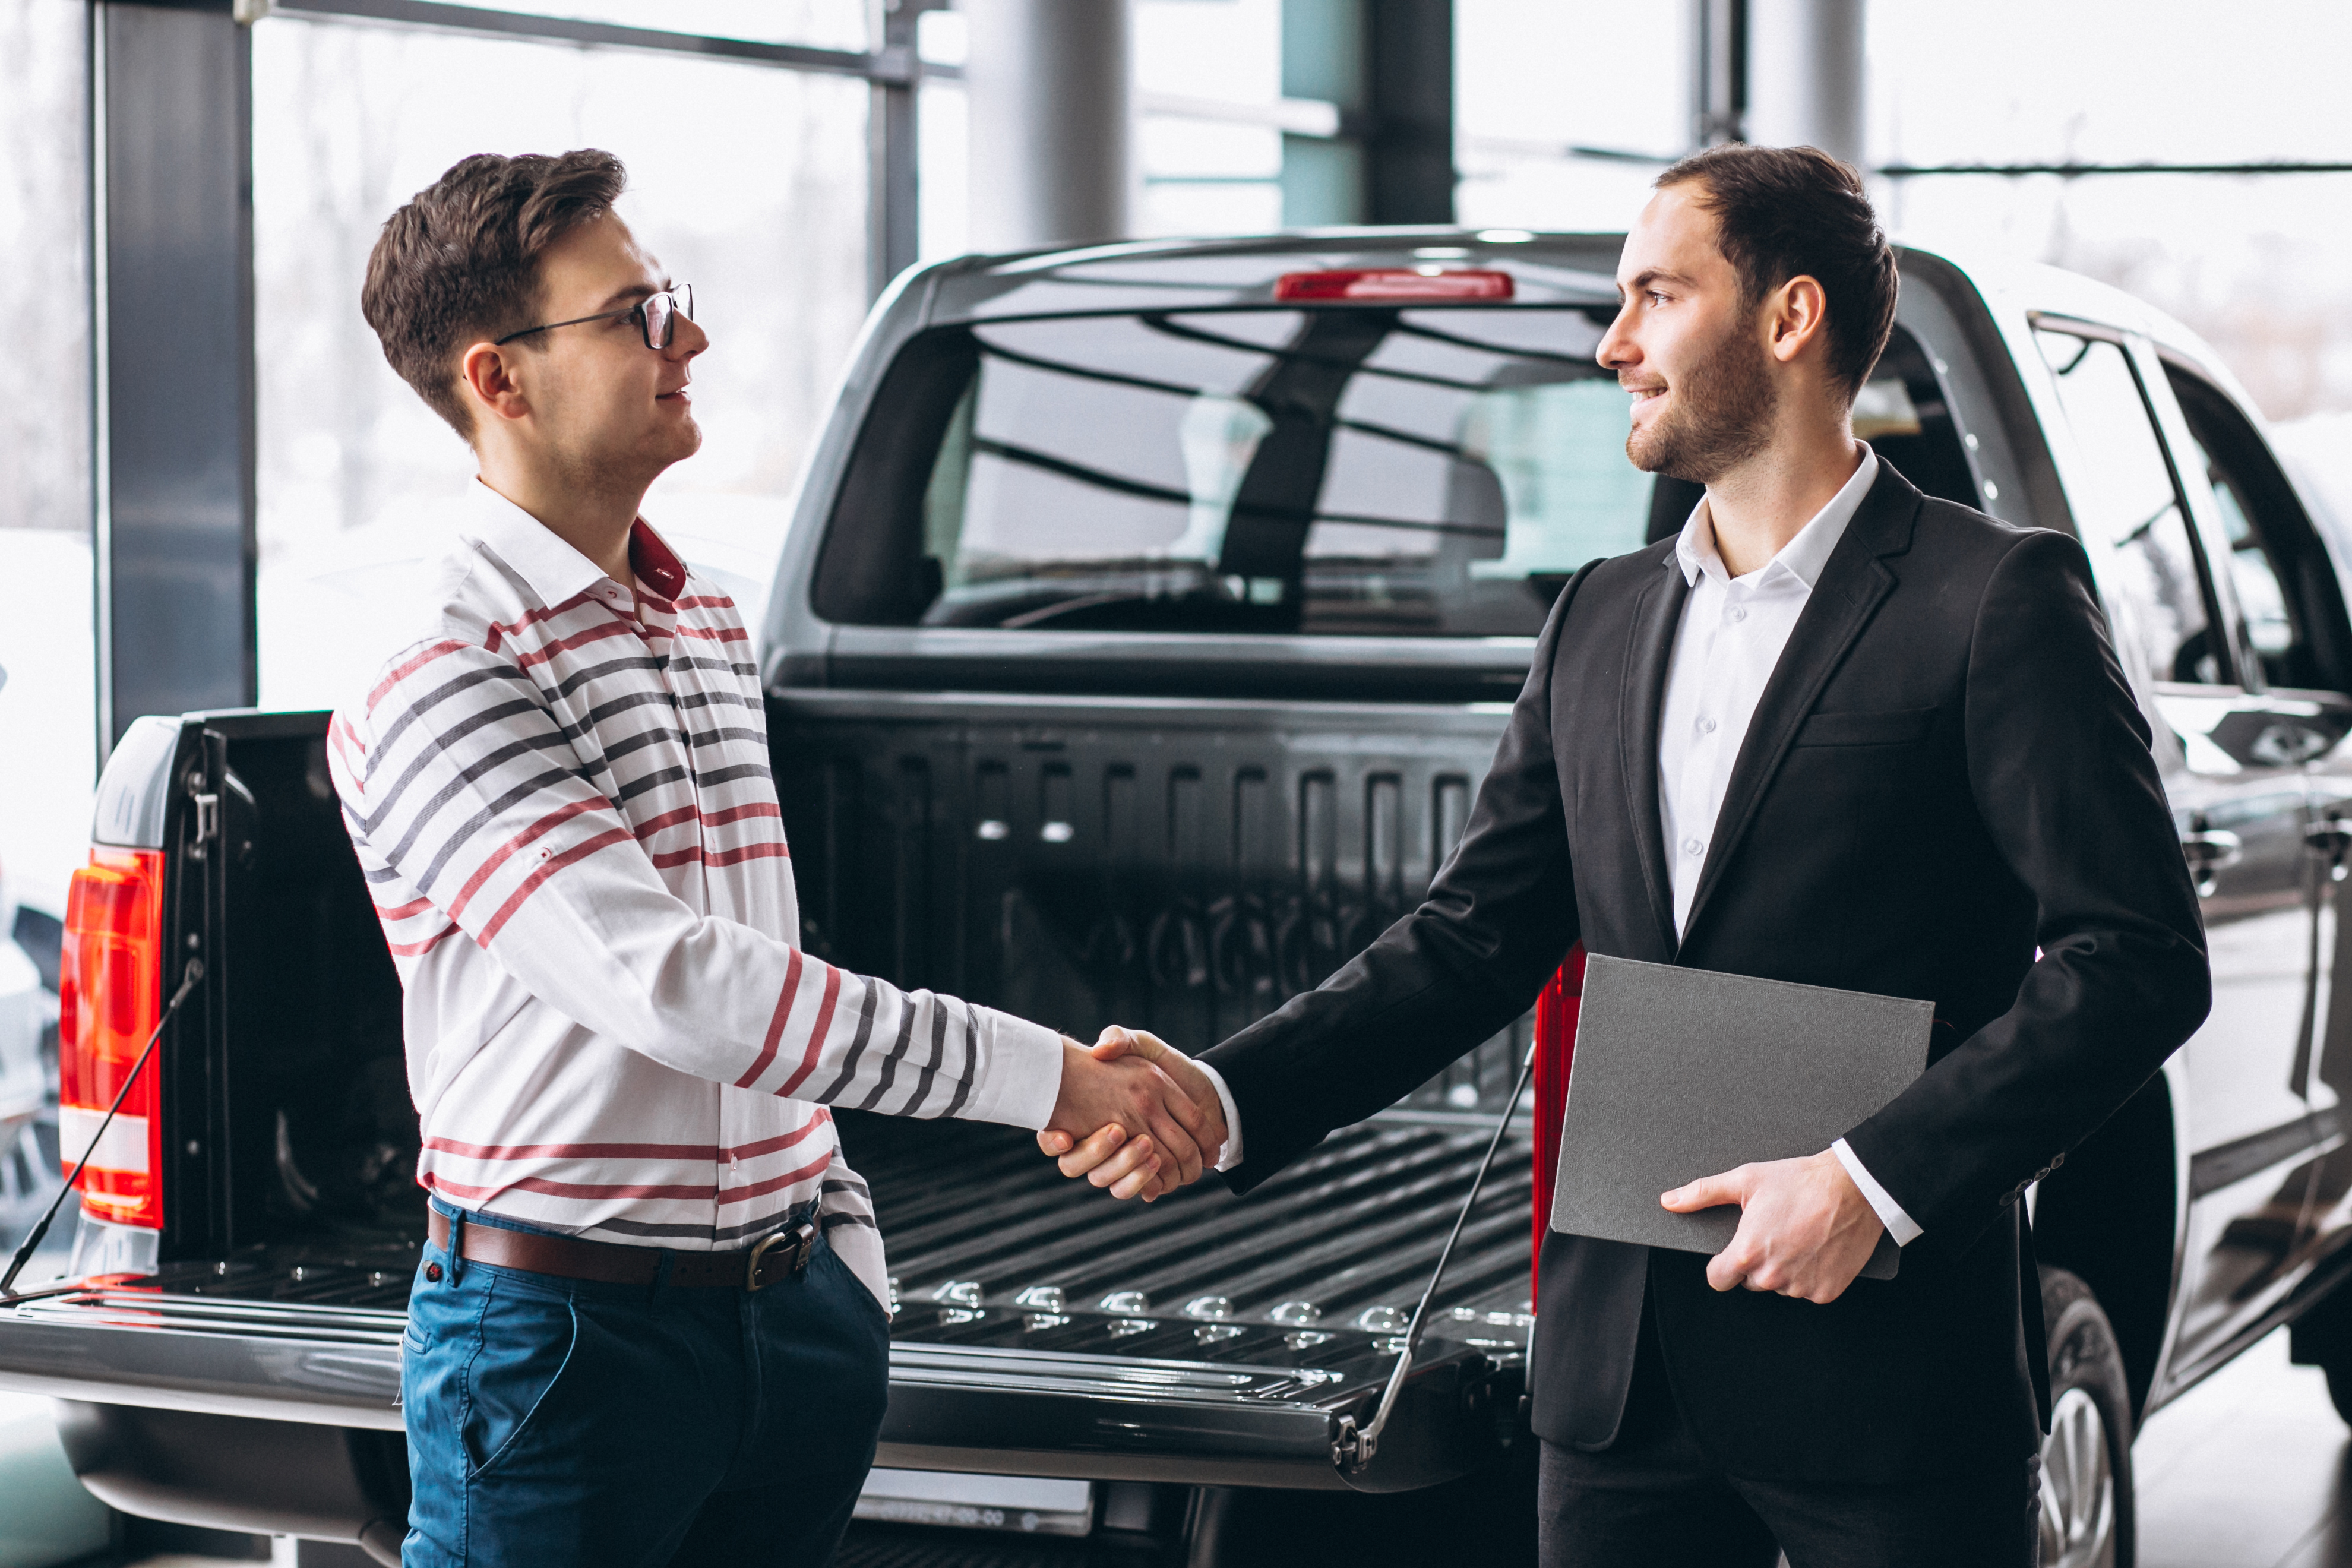 Venda consignada conheça as vantagens na hora de vender seu carro